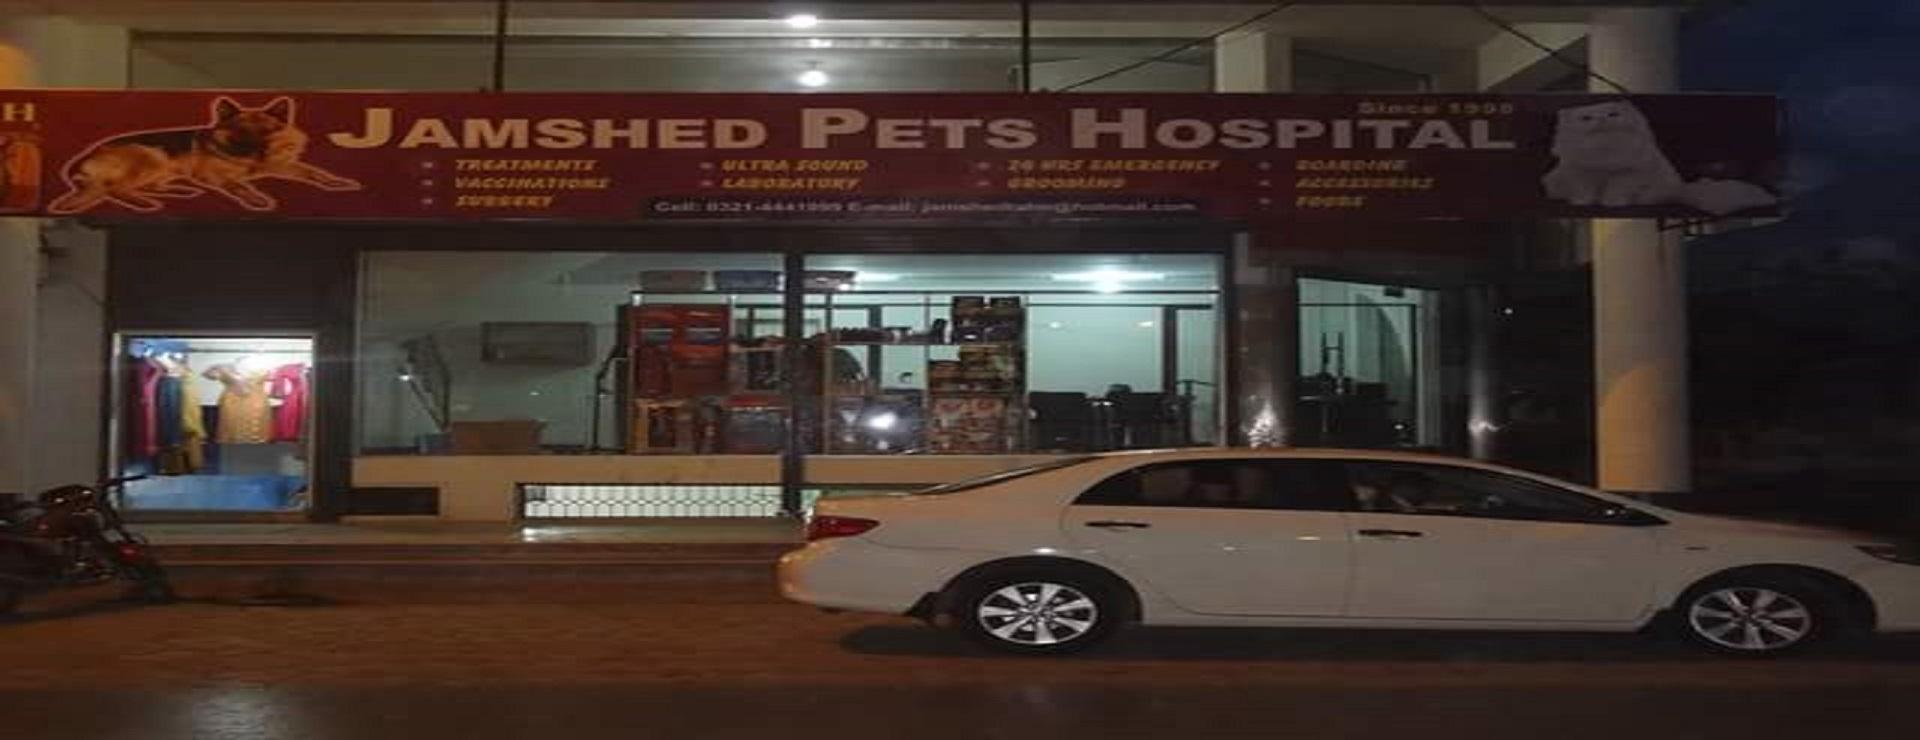 Jamshed pet hospital front